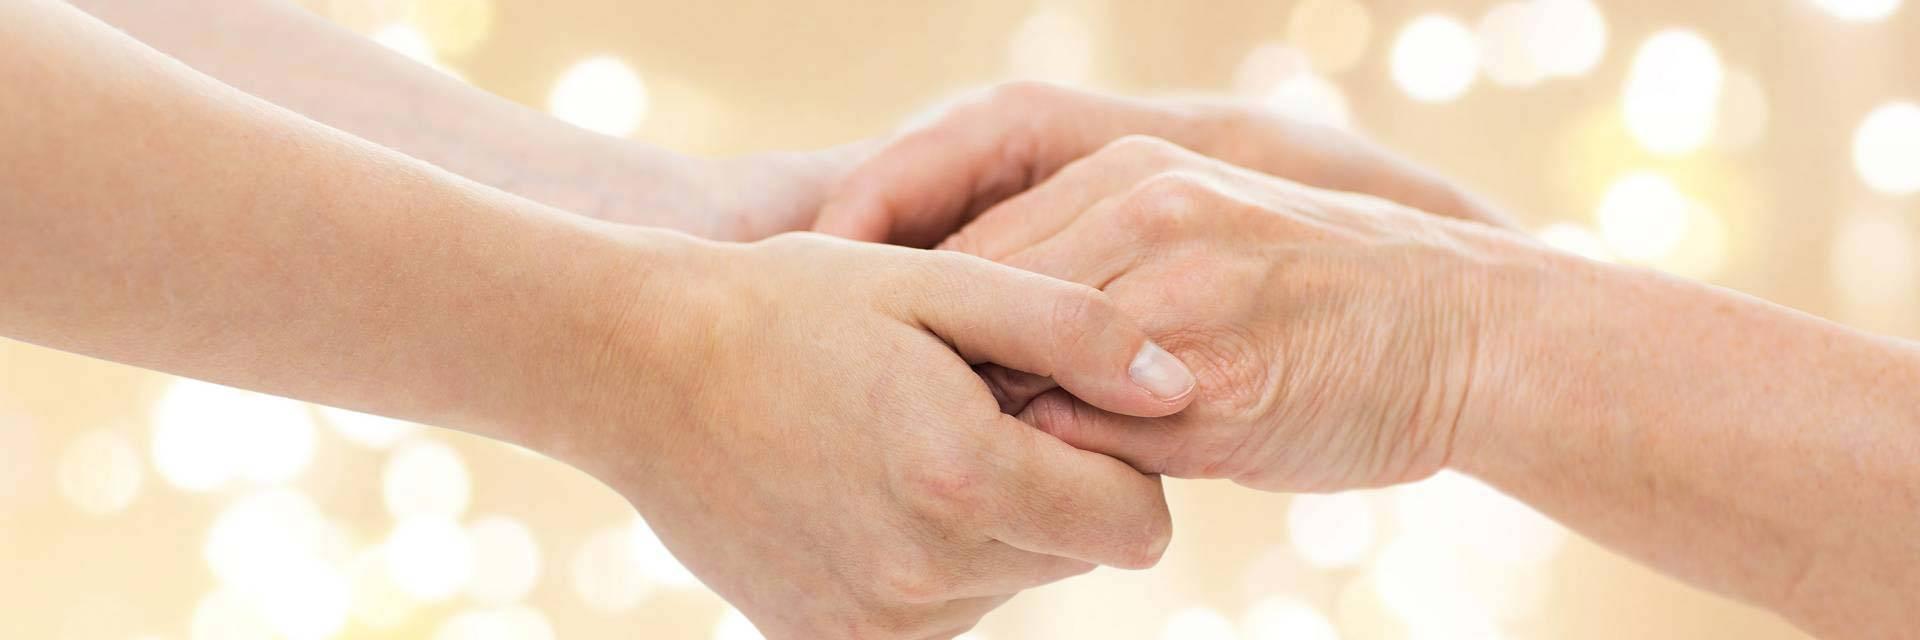 vahus januorenpi henkilö pitää toisiaan kädestä kiinni